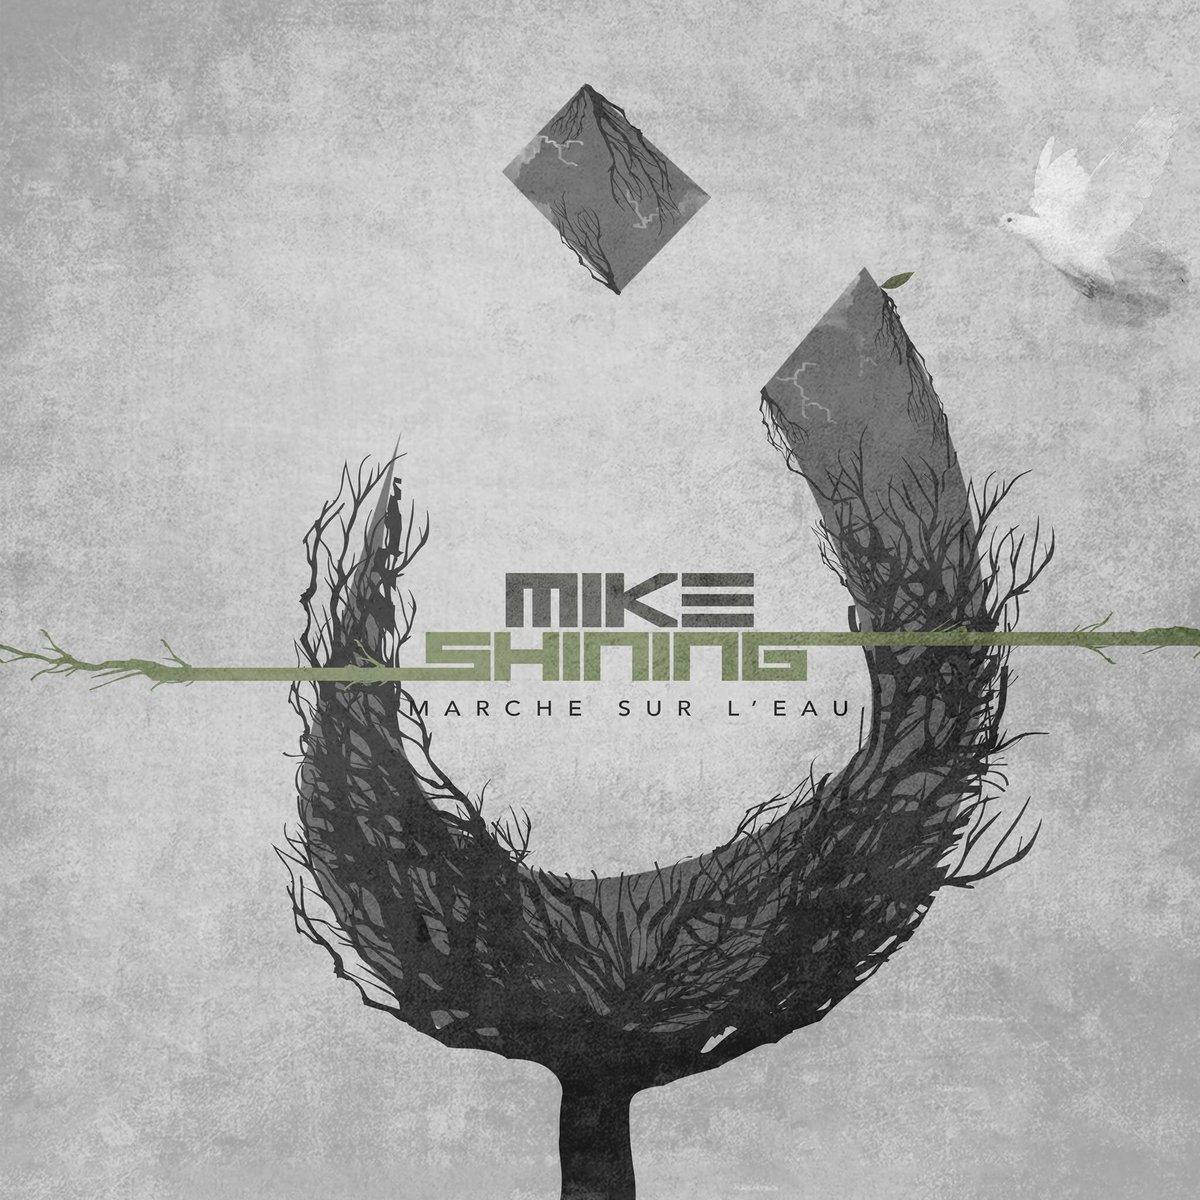 NEWS : @MikeShining sortira le Premier single de son futur album #MarcheSurLeau le 26/01 #rap #chh #gospelurbain #album <br>http://pic.twitter.com/J6IR6gGEP3